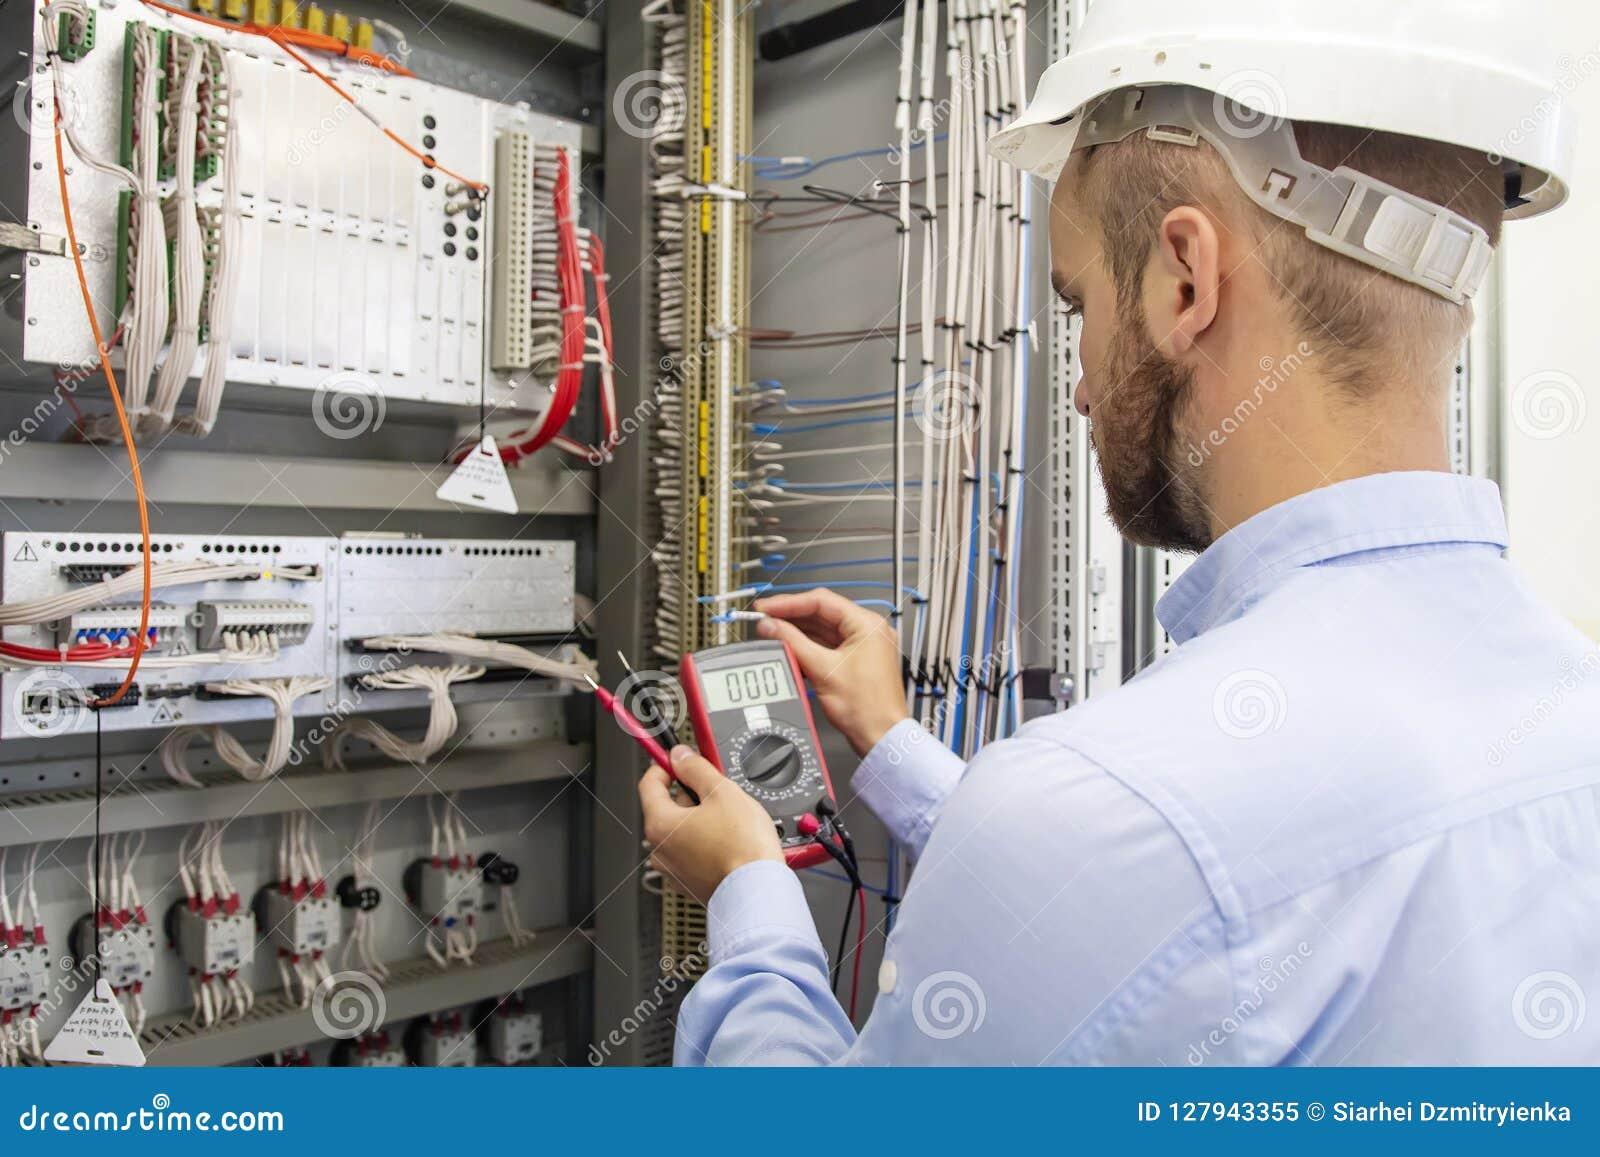 保险丝箱子的电工技术员 控制板的维护工程师 工作者测试自动化设备